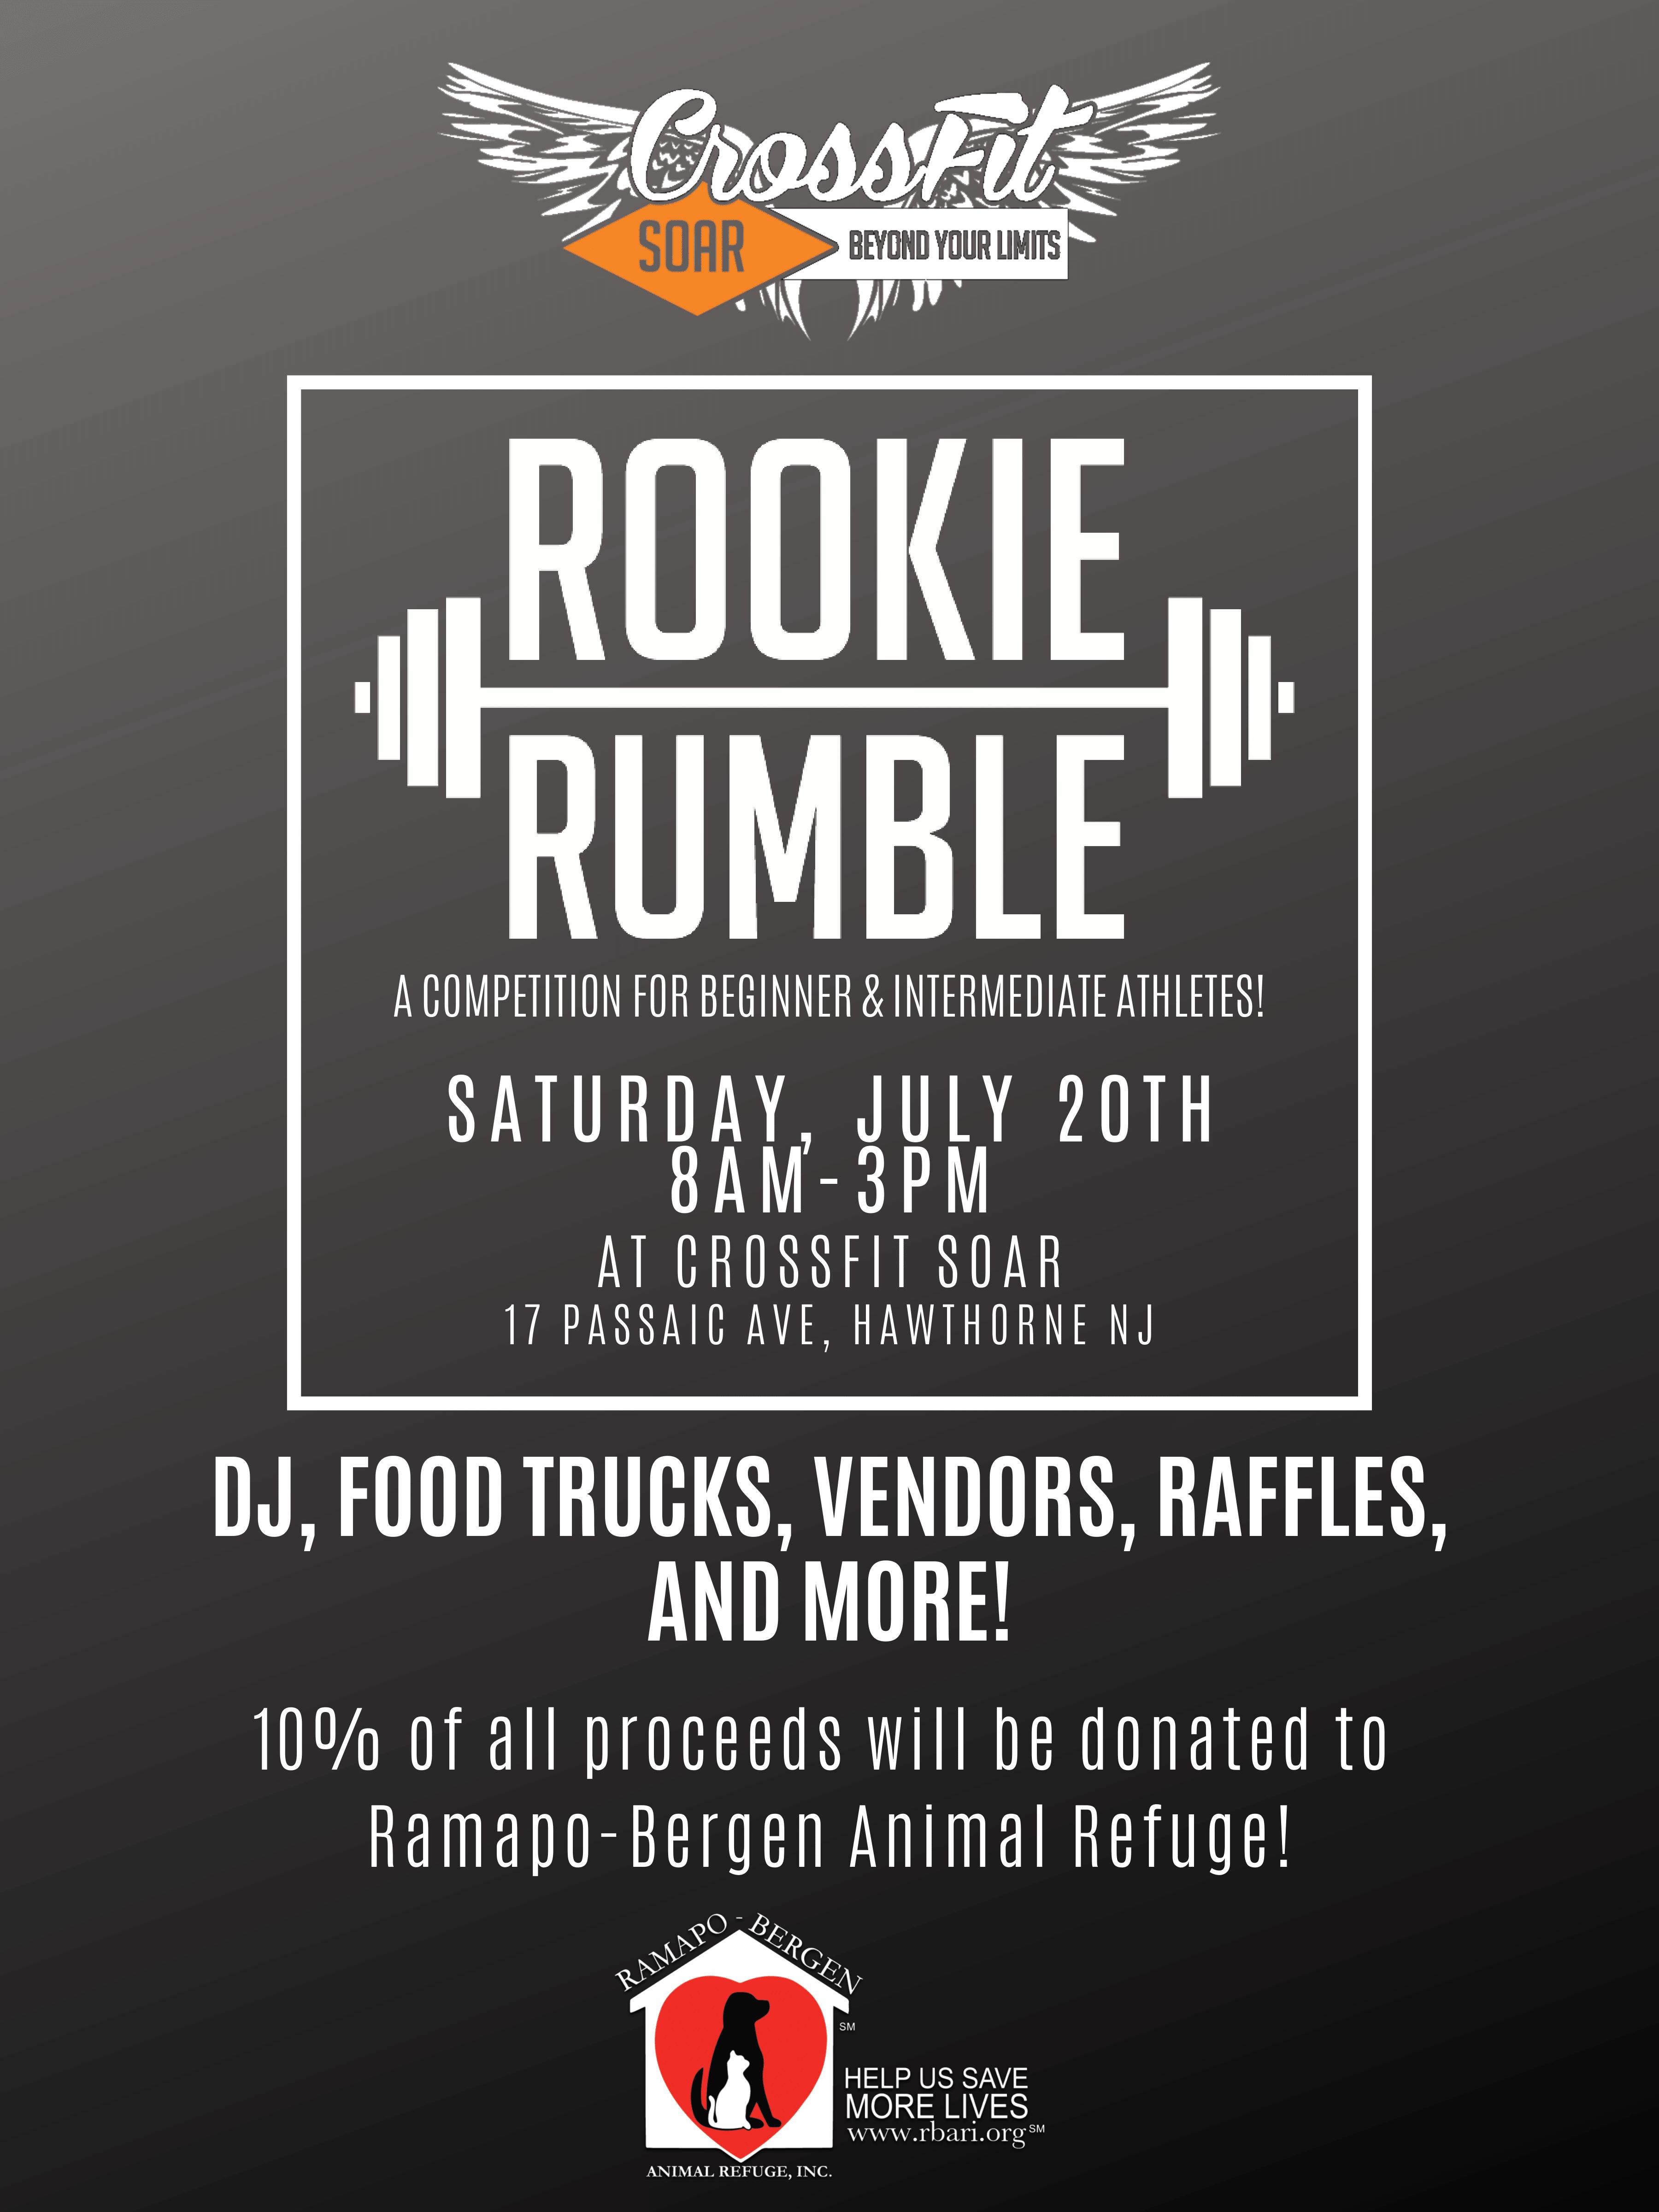 Crossfit Soar's Rookie Rumble